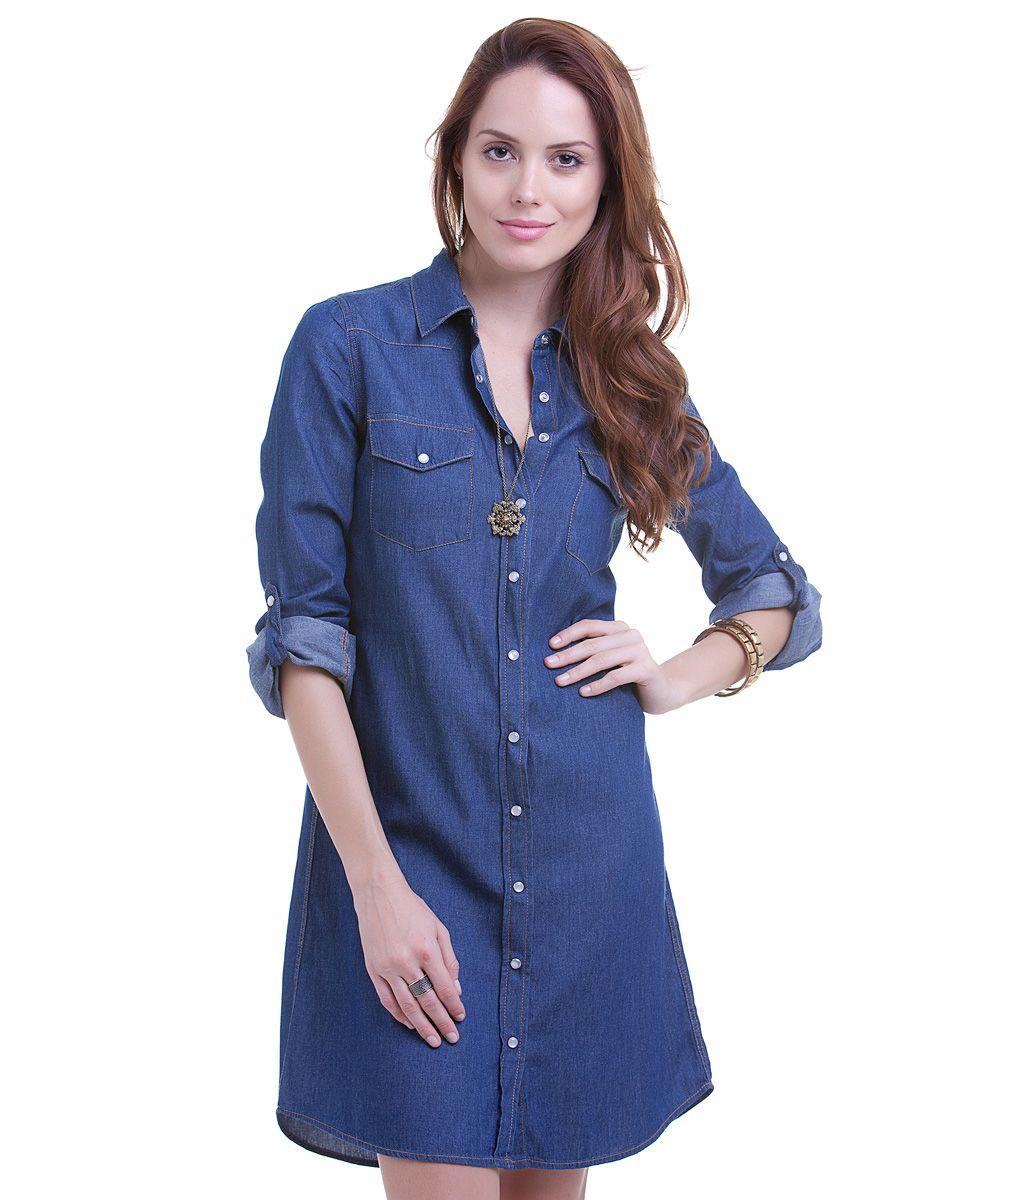 Vestido feminino jeans chemise